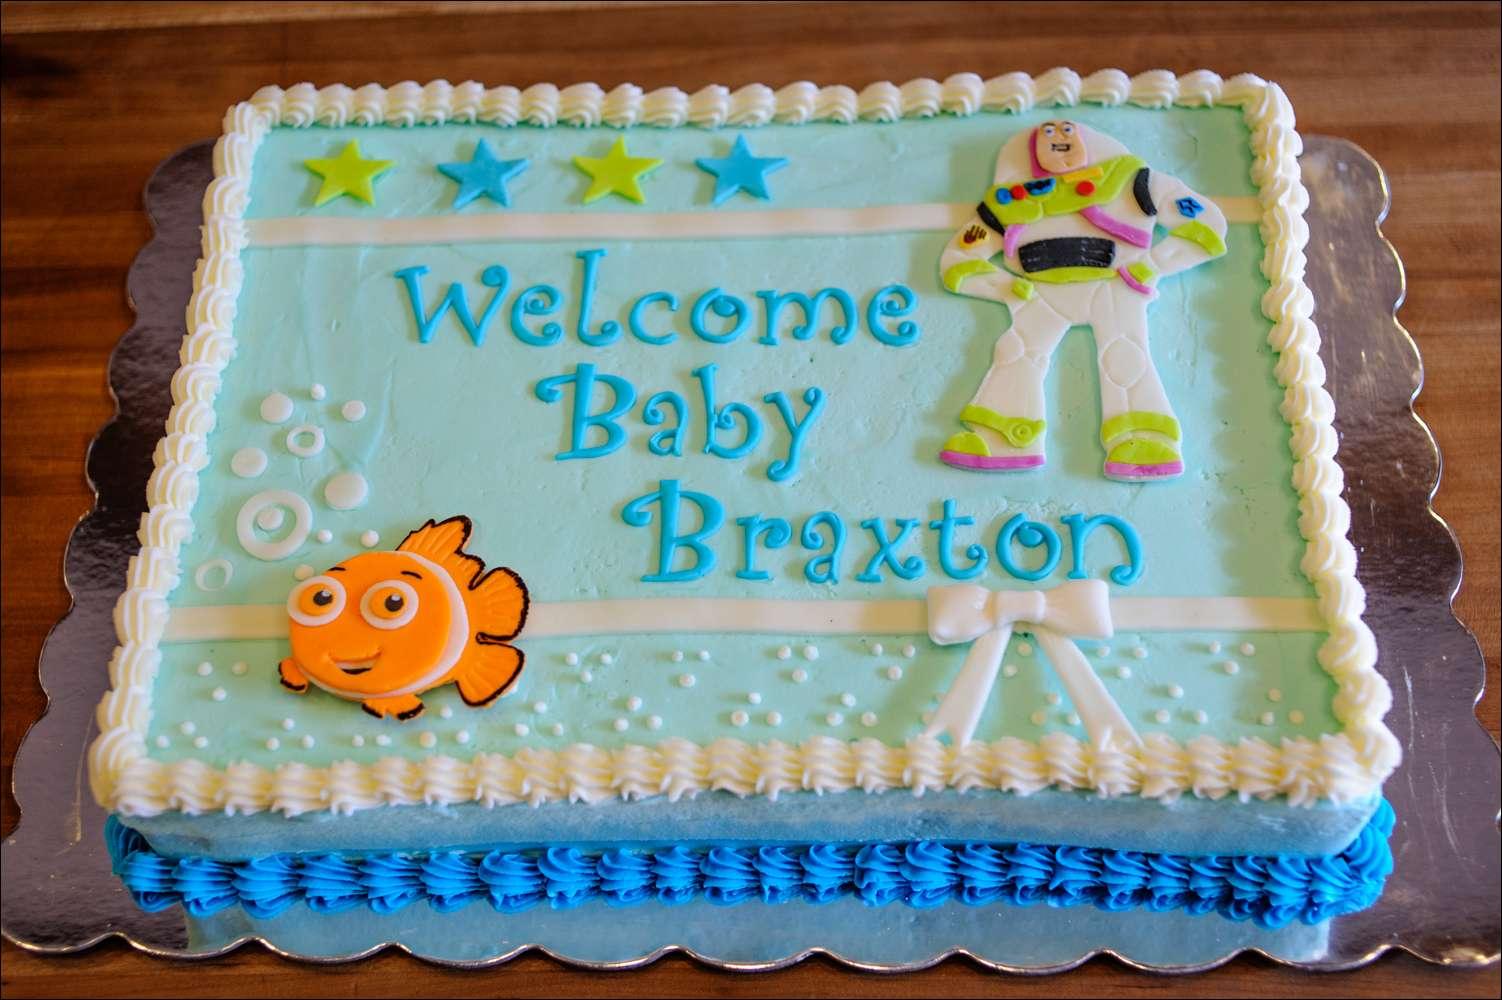 Disney Nemo Buzz Lightyear Baby Cake 1